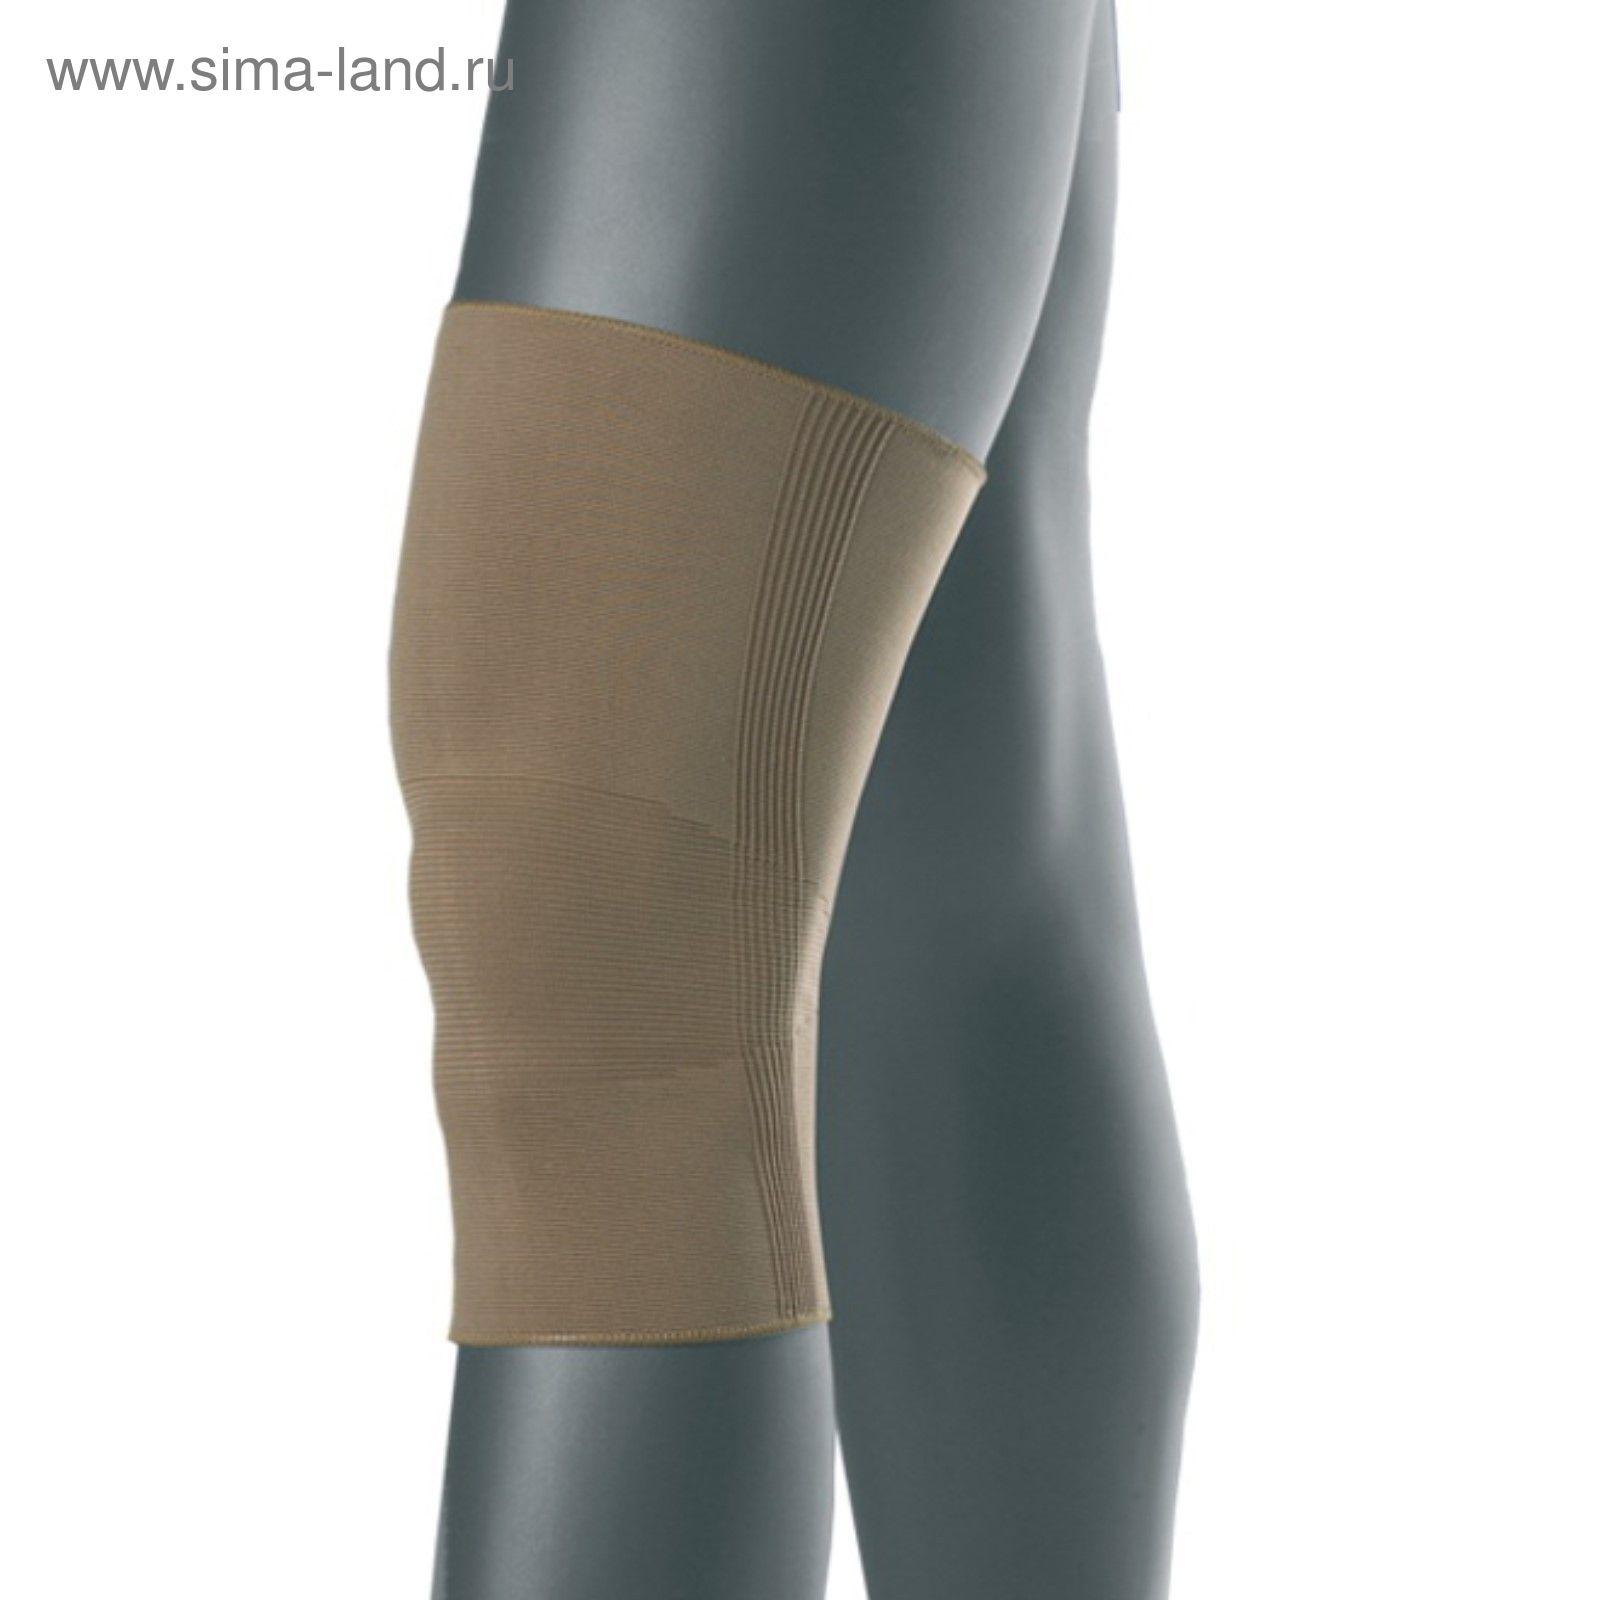 Эластичный ортез коленного сустава болезни суставов народные средства это